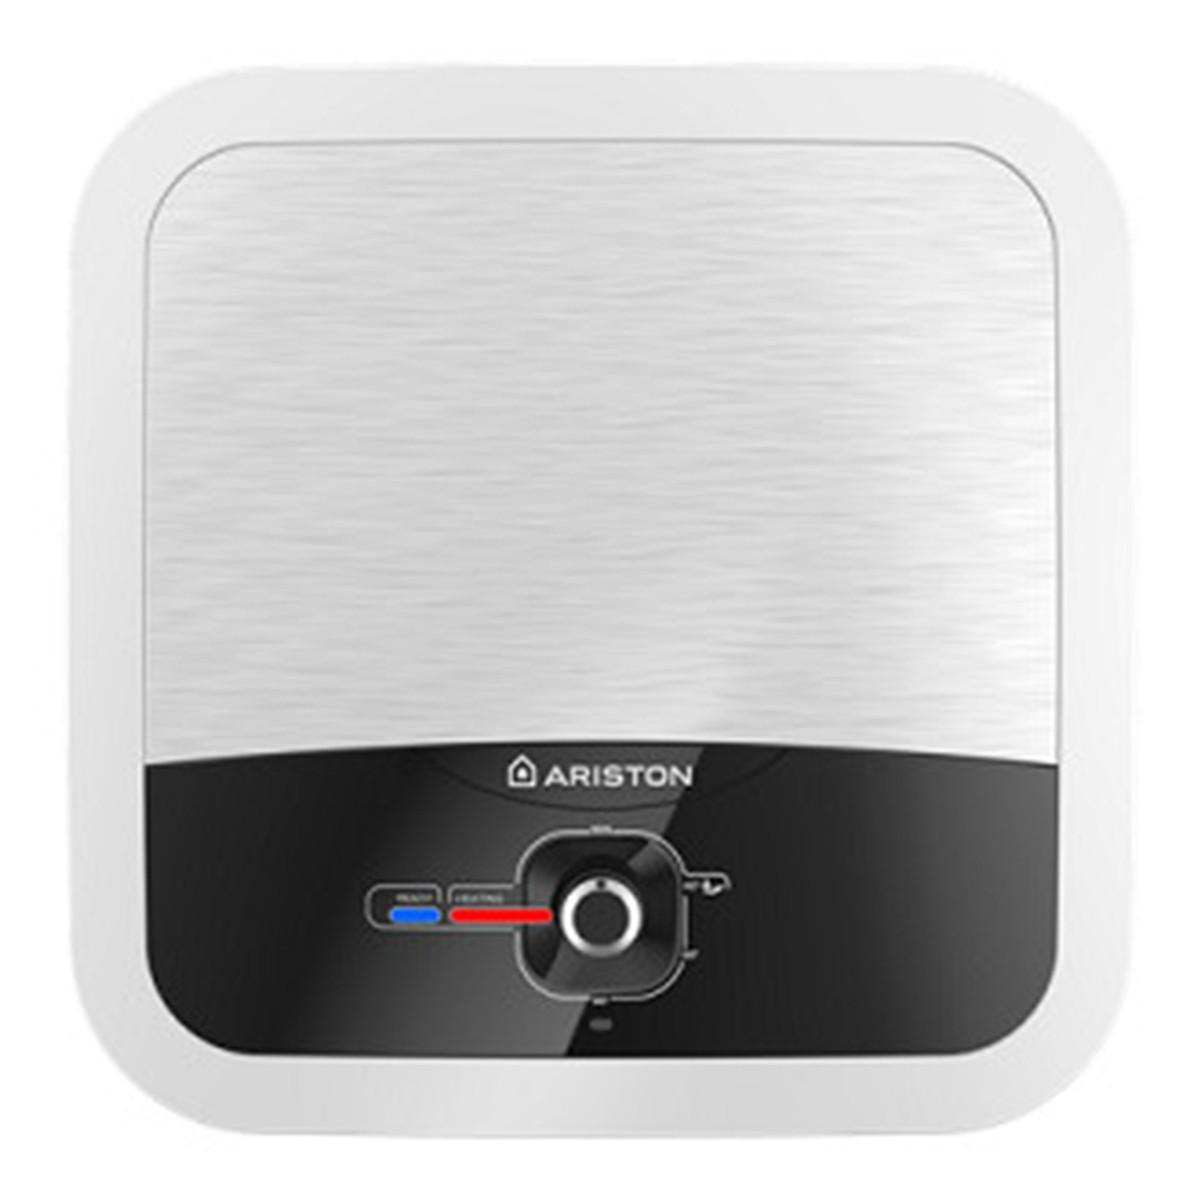 Bình nước nóng Ariston Andris2 AN2 15RS 15 lít - Hàng Chính Hãng